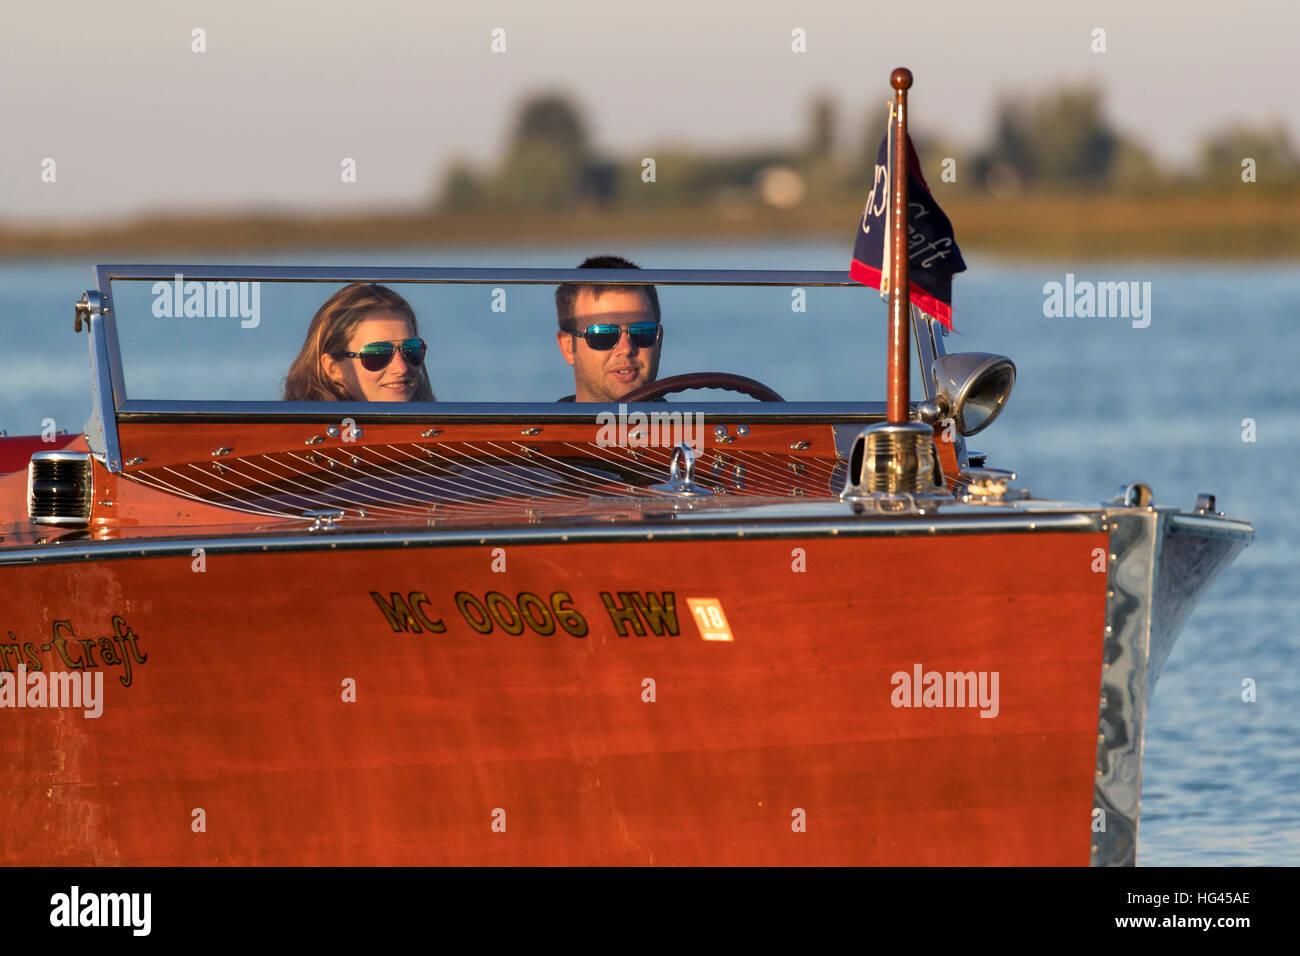 Una joven pareja de conducción, un antiguo barco de madera. Imagen De Stock